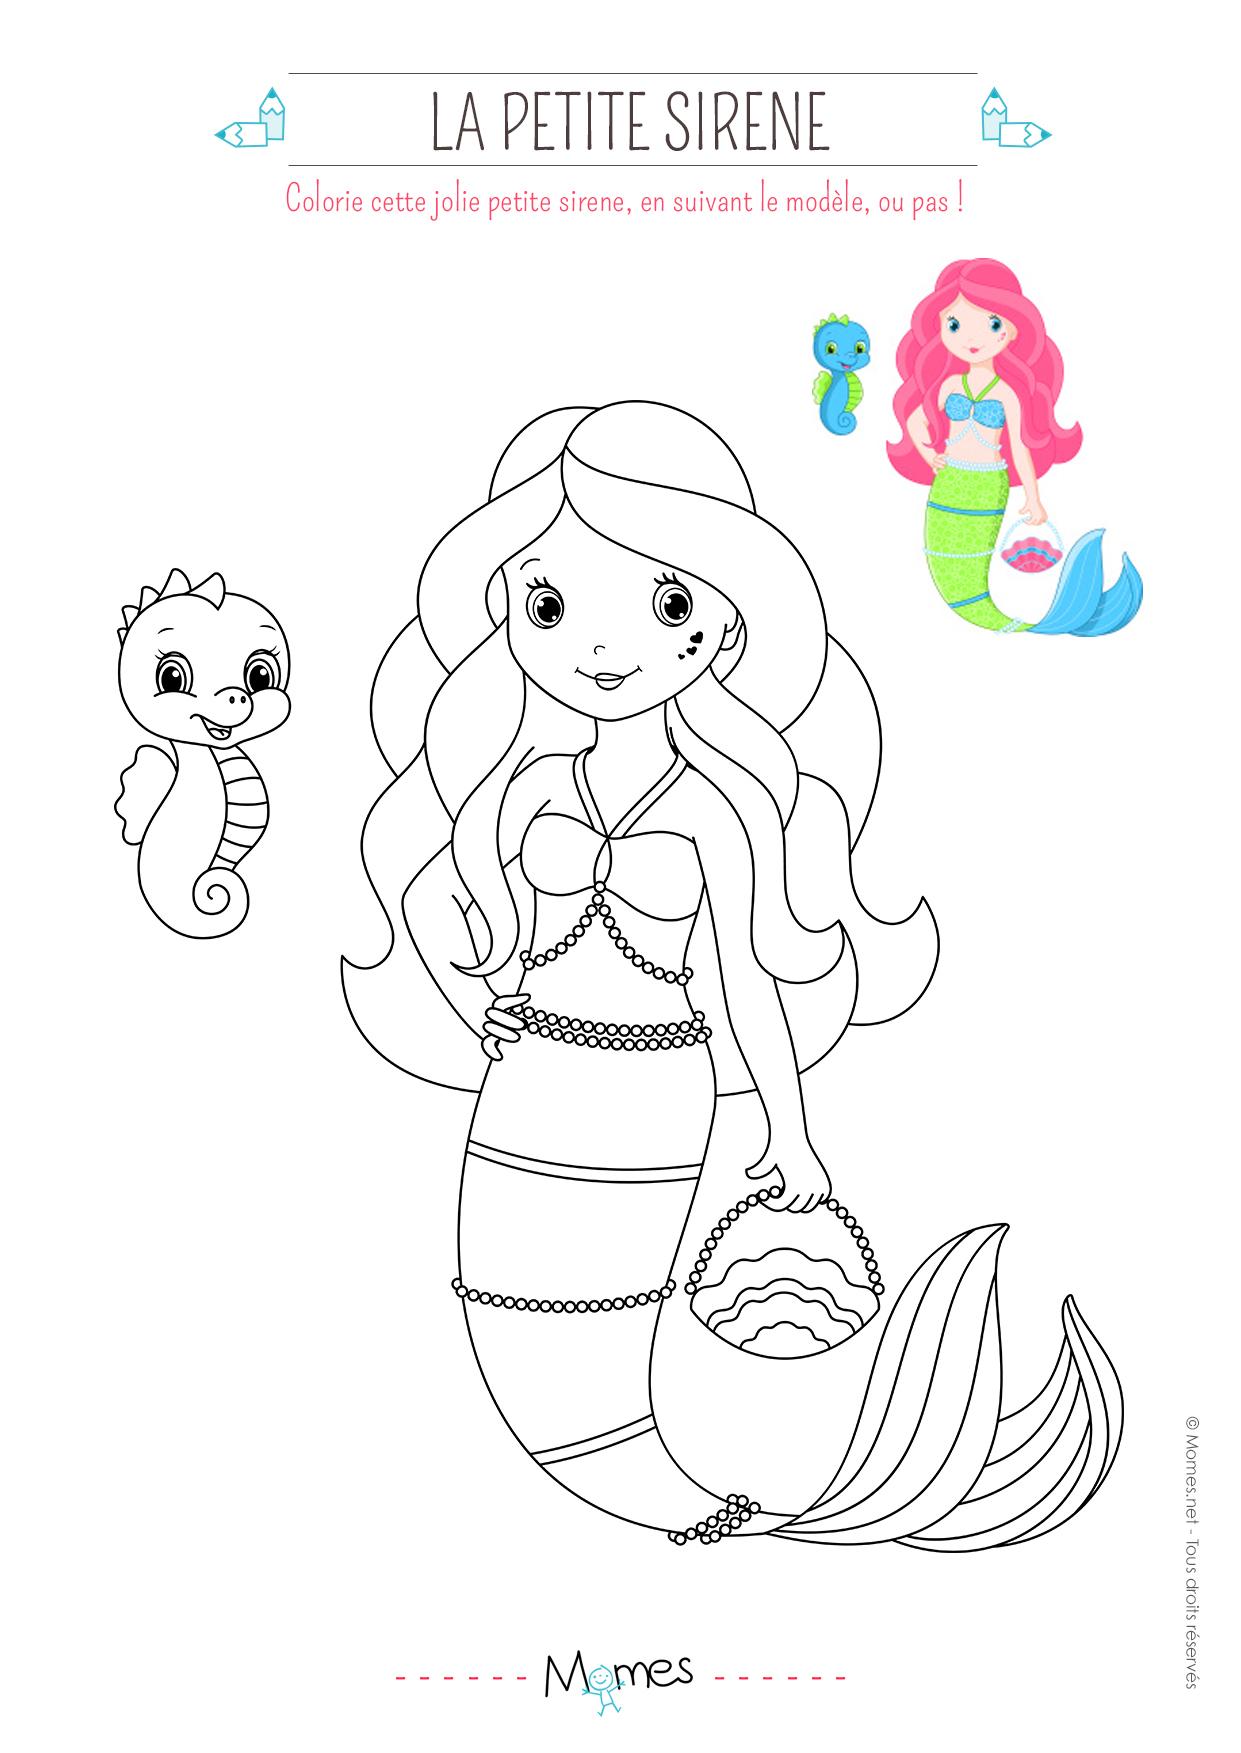 Coloriage Petite Sirène - Momes concernant La Petite Sirène À Colorier